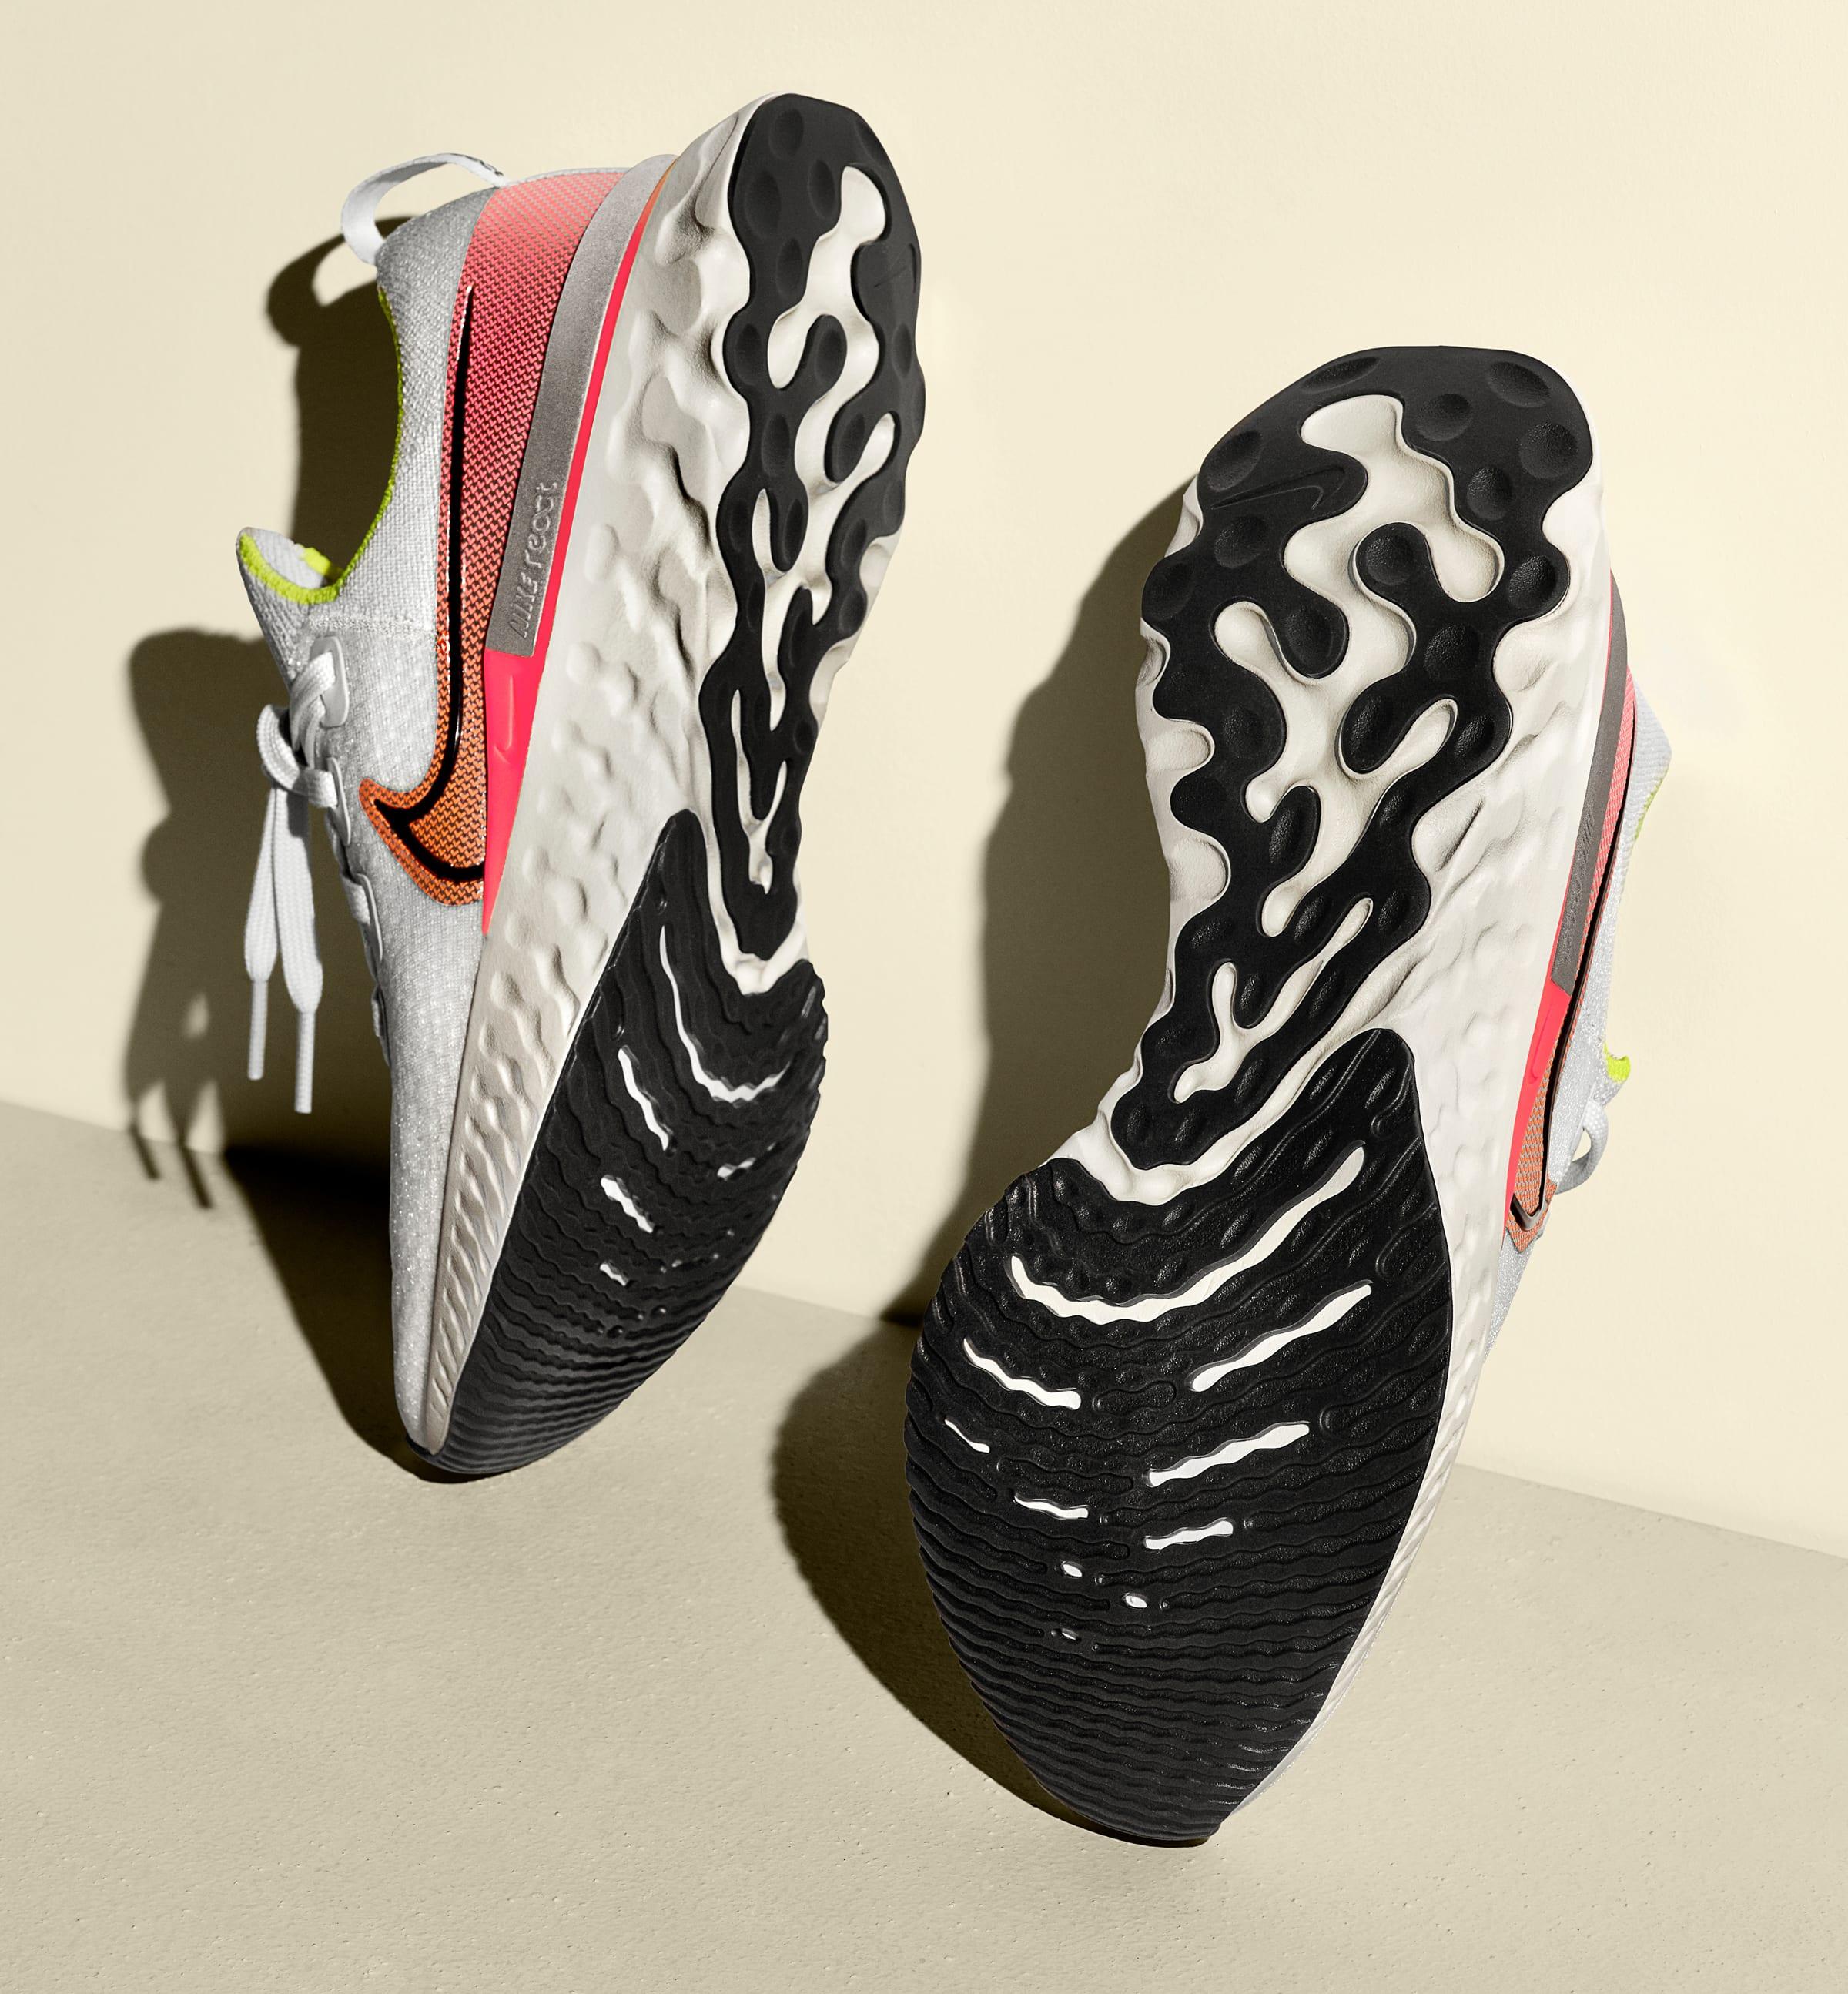 Nike React Infinity Run (Sole)